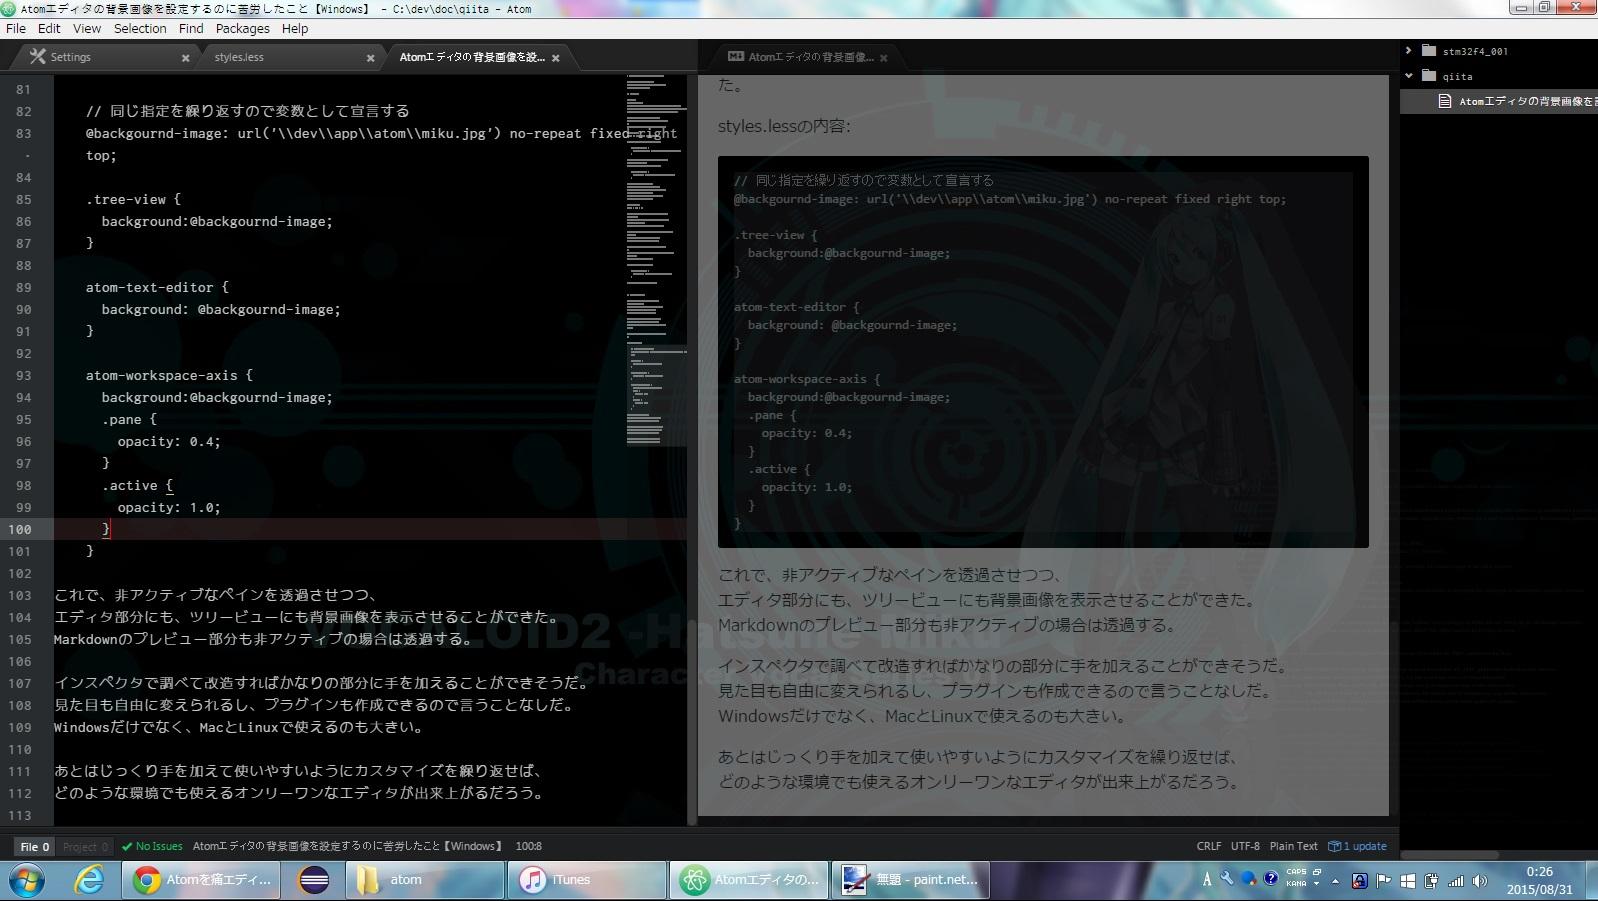 Atomエディタの背景画像を設定するのに苦労したこと【Windows】001.jpg